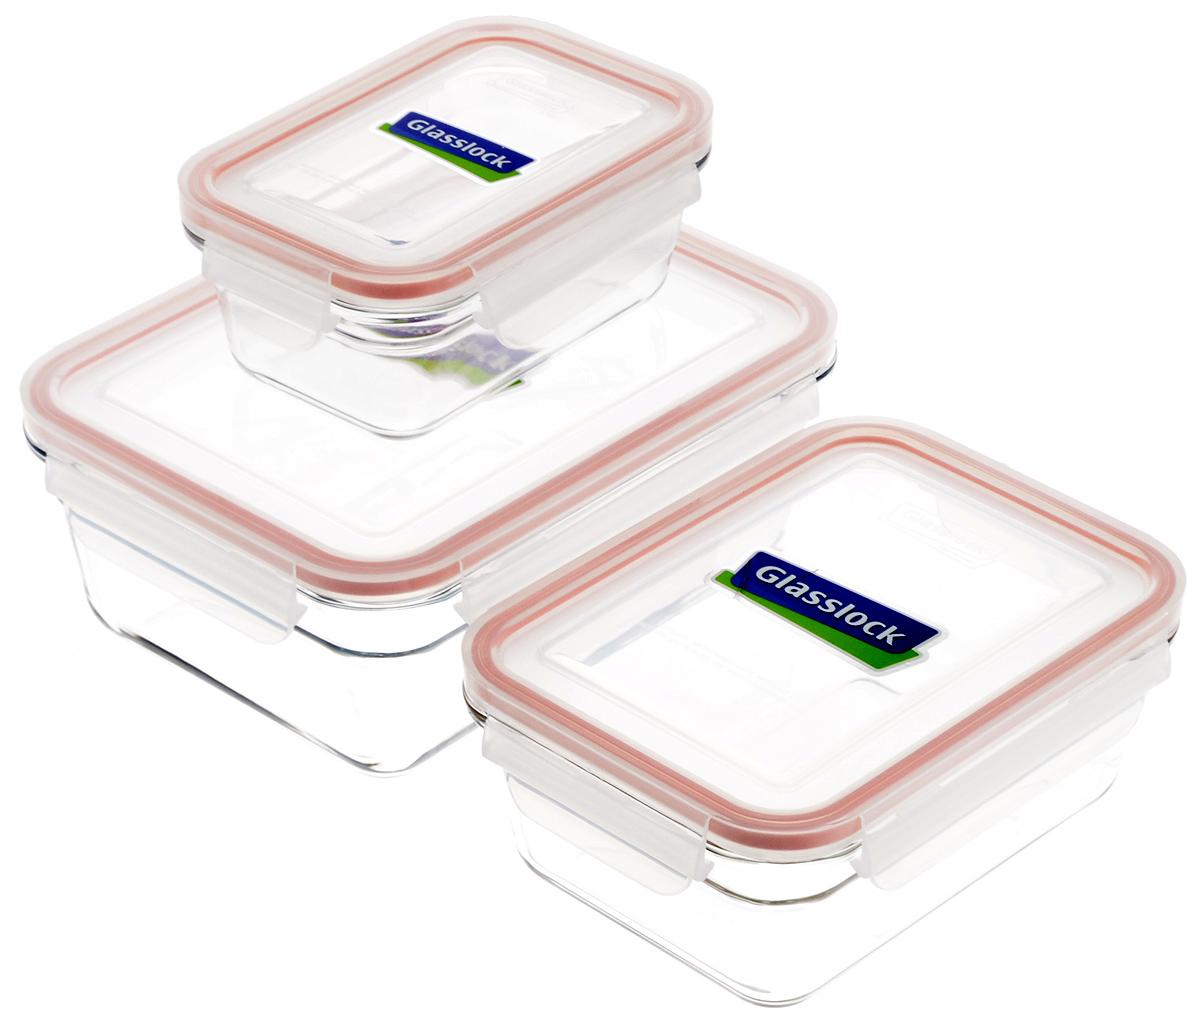 Набор контейнеров для запекания Glasslock, цвет: прозрачный, оранжевый, 3 шт. GL-529SC-FD421004Набор Glasslock состоит из трех контейнеров разного объема. Контейнеры выполнены из высококачественного закаленного стекла и оснащены герметичными крышками с уплотнительными резинками, они надежно закрываются с помощью защелок. Изделия предназначены для приготовления пищи в микроволновой печи и духовом шкафу без пластиковой крышки (+230°С). Контейнеры прозрачные, что позволяет видеть содержимое, это очень удобно и практично. Они также подходят для хранения продуктовв холодильнике и морозильной камере. Такой набор подходит для повседневного использования. Также в нем можно приготовить салаты или запекать любимые блюда. Приятный дизайн подойдет практически для любого случая. Можно мыть в посудомоечной машине. Не использовать в духовке и микроволновой печи с крышкой.Объем: 485 мл; 970 мл; 1730 мл.Размер контейнеров (с учетом крышек): 15,5 х 10,5 х 6,5 см; 18,5 х 14 х 7,5 см; 21,5 х 16,5 х 8,5 см.